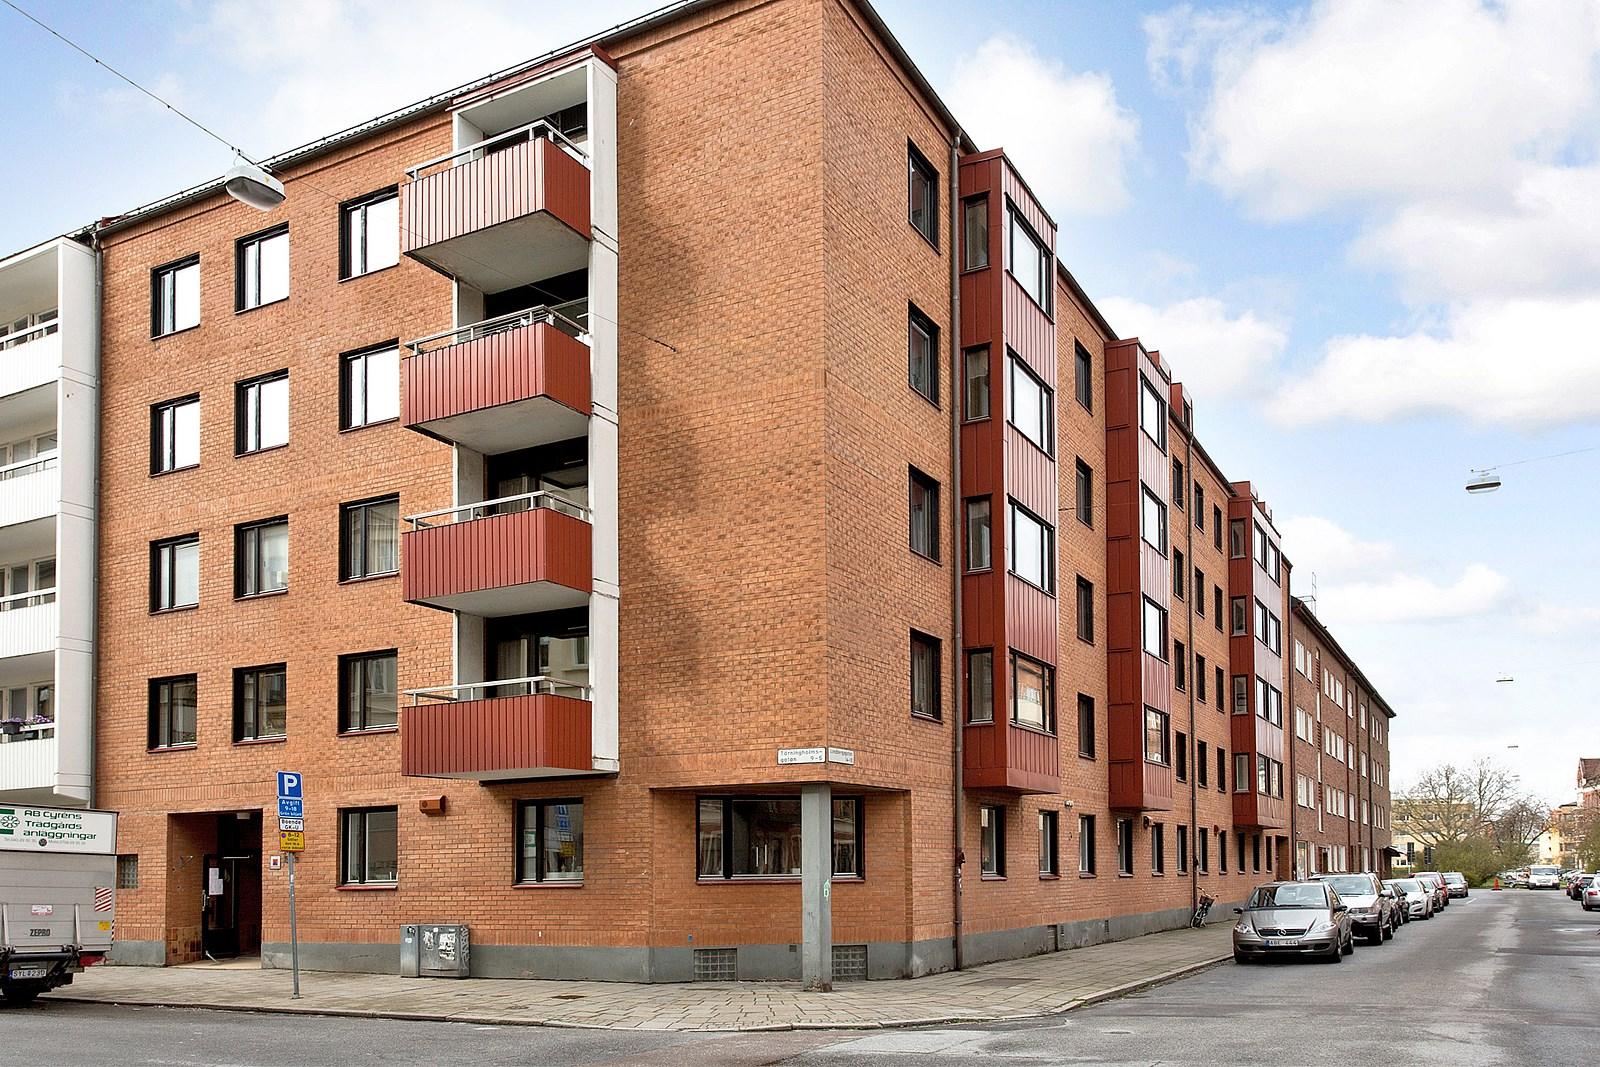 Brf Ulla 3, ombyggnad av f.d. förskola till 3st lägenheter på Tärningholmsgatan 5 A-B i Malmö.